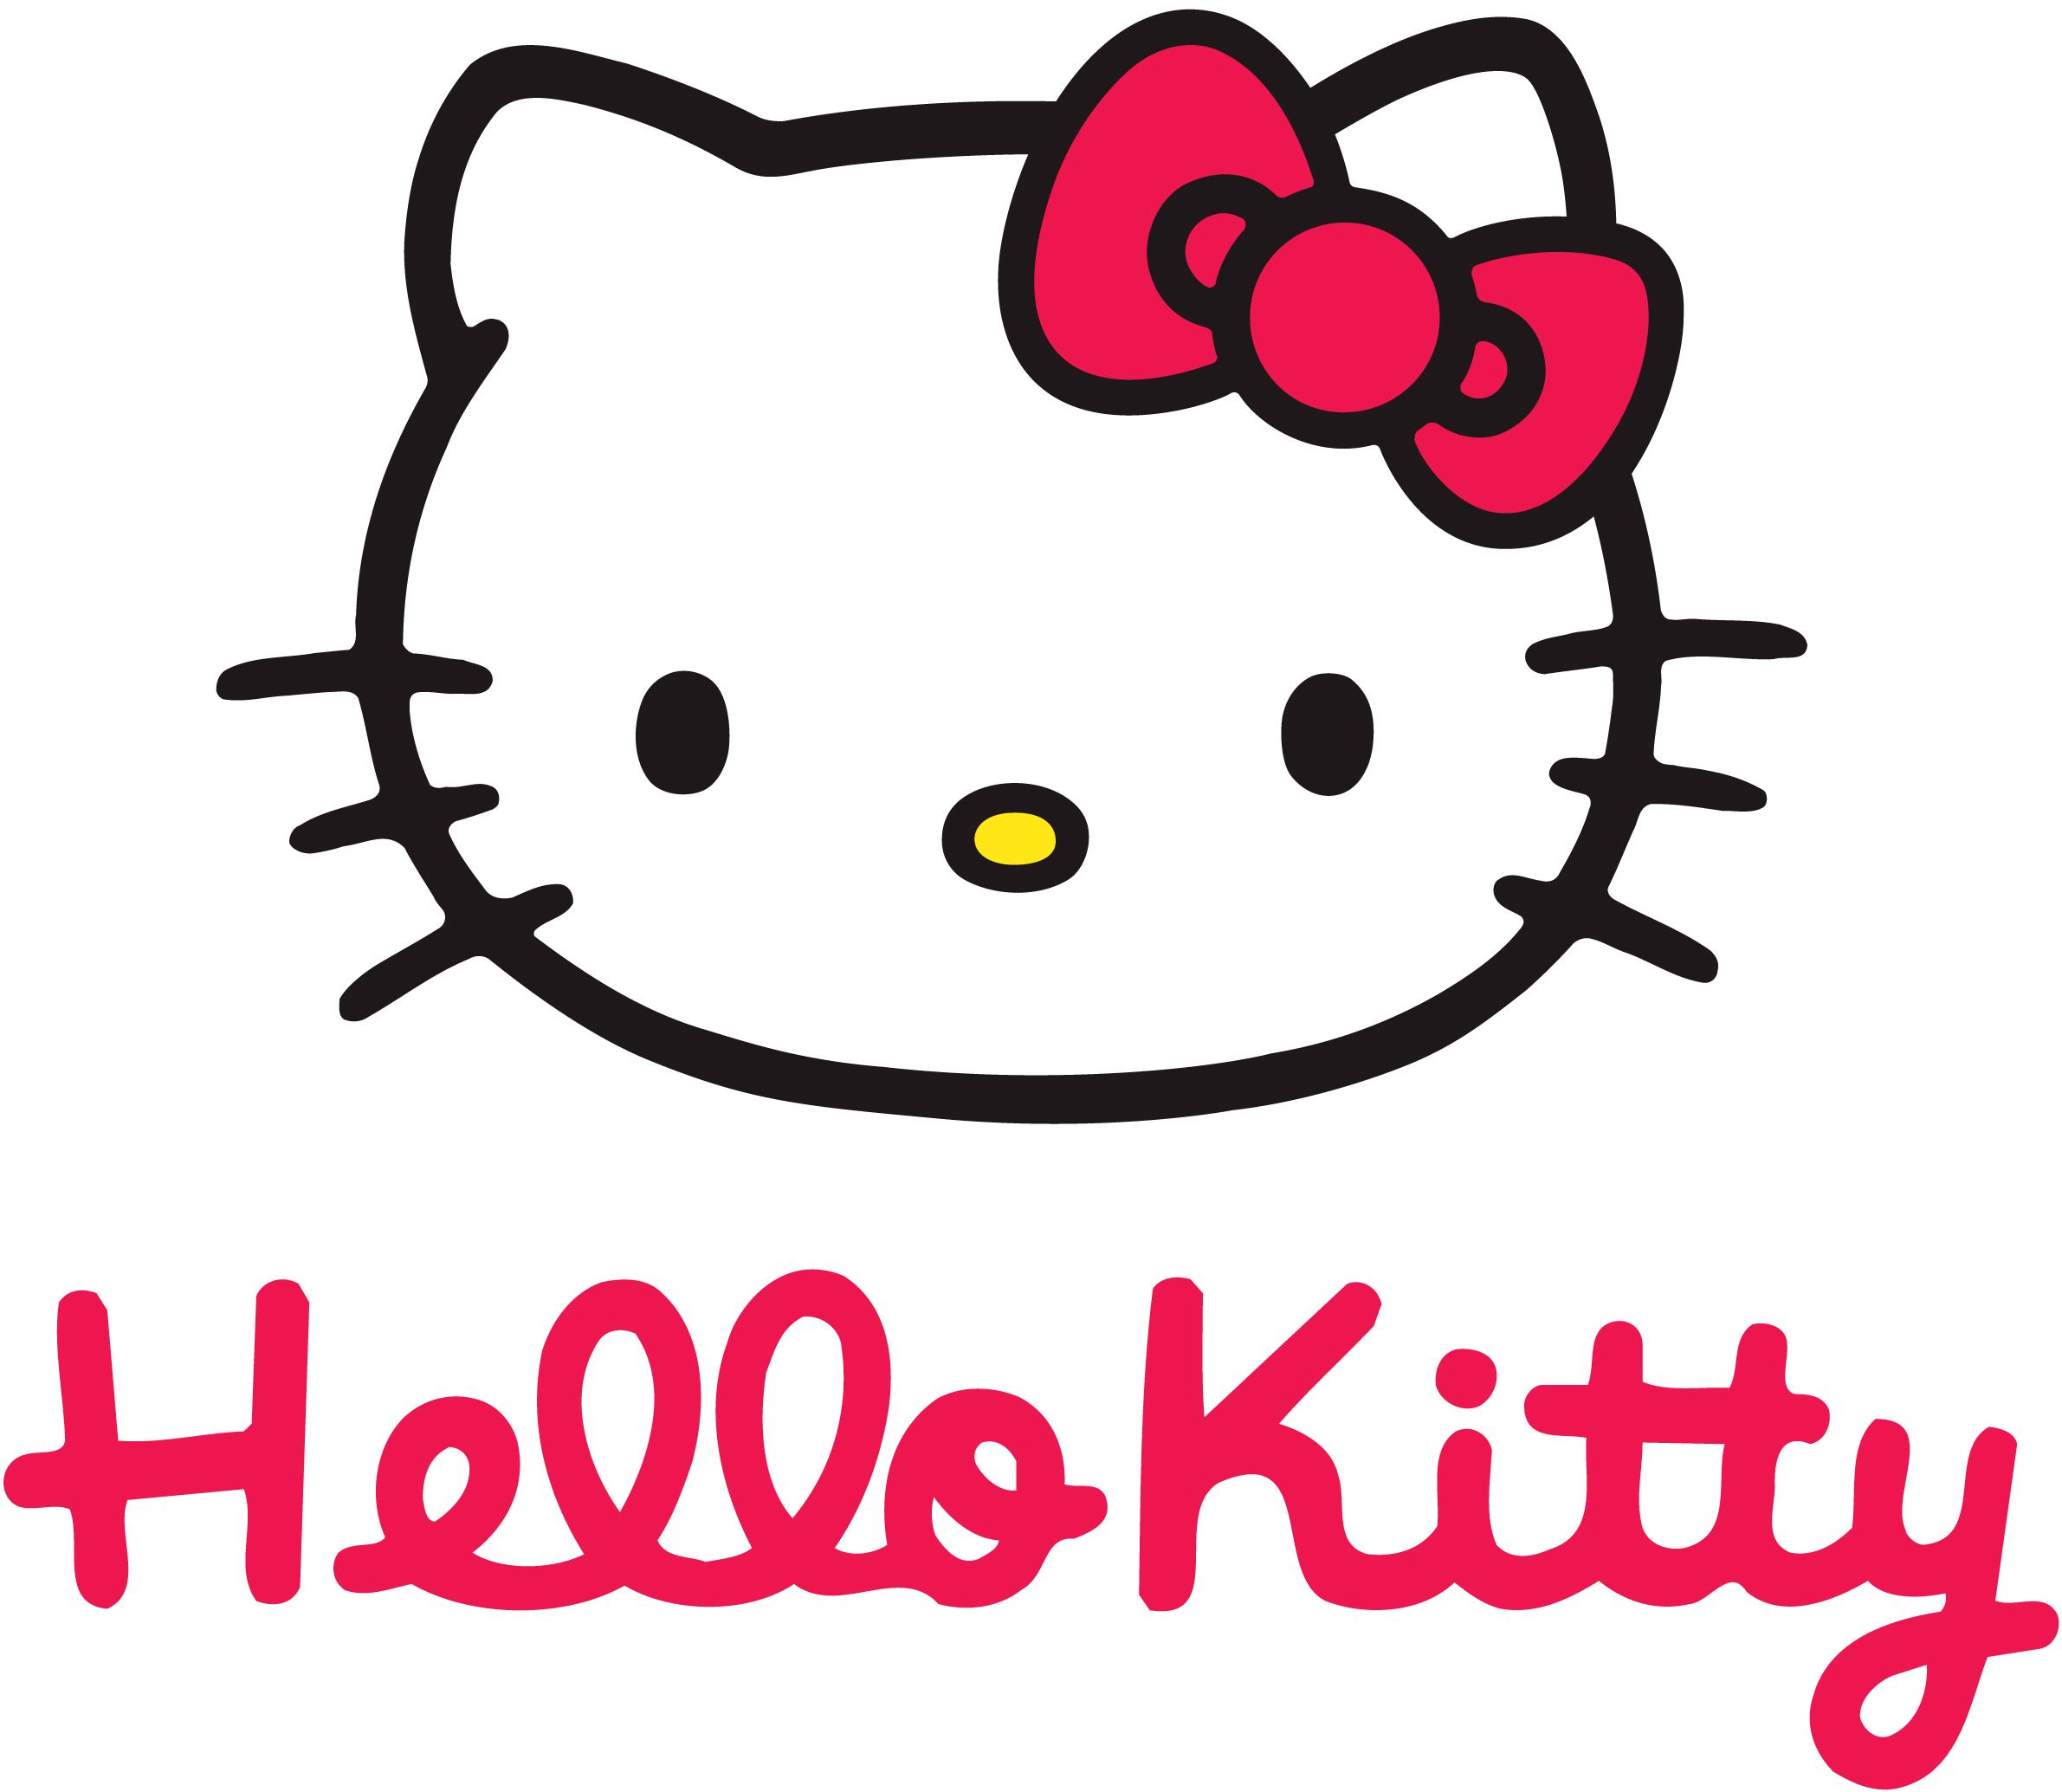 47 ] Hello Kitty 2015 Wallpaper On WallpaperSafari